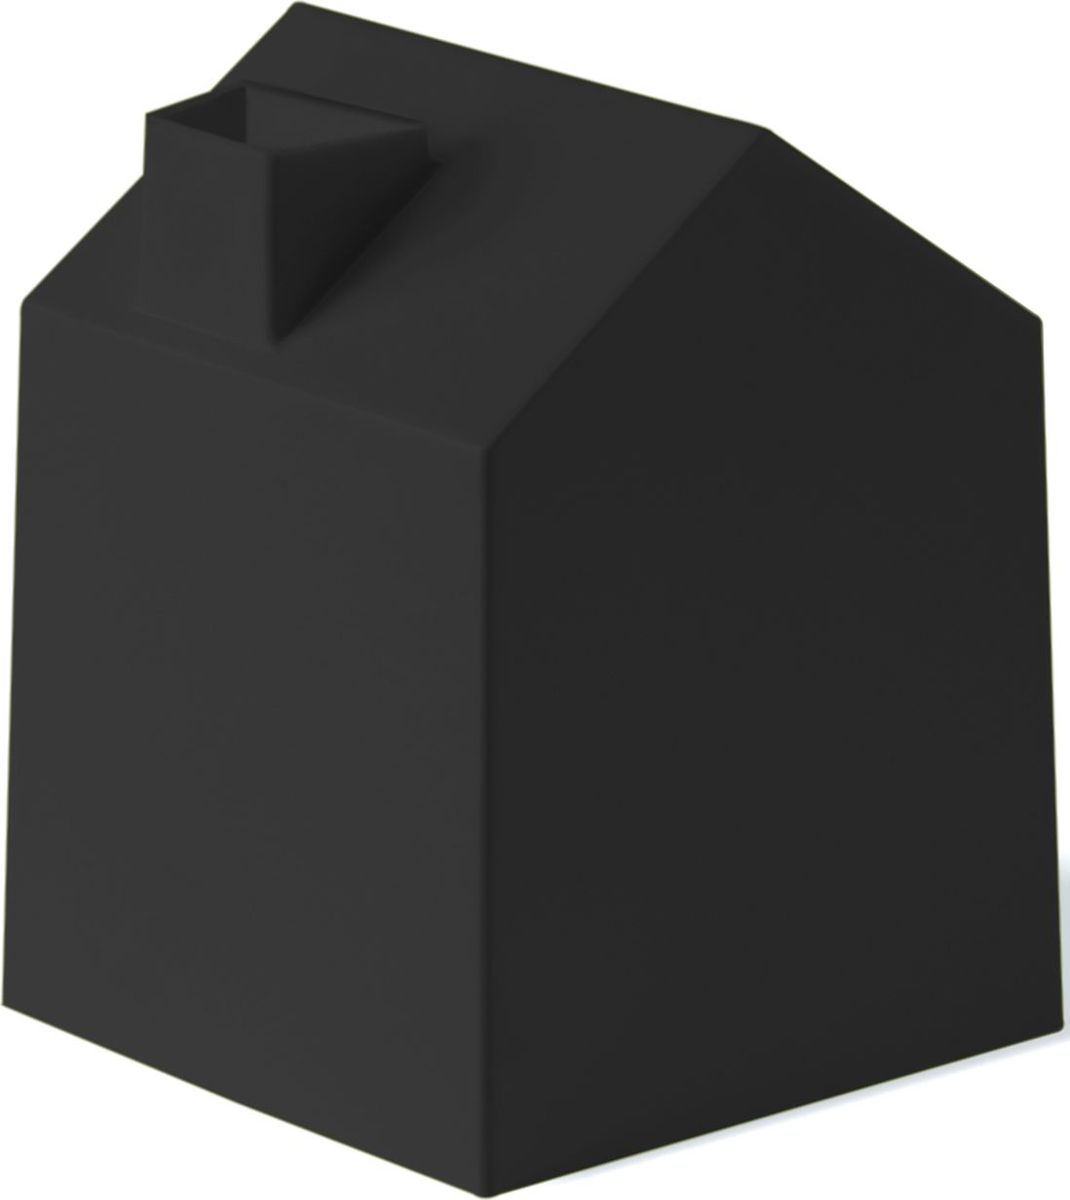 Бокс для салфеток Umbra Casa, цвет: черный, 17 х 13 х 13 смCLP446Салфетки всегда должны быть под рукой, а не разбросаны в сумке или на полке возле зеркала. Бокс многоразовый, как только салфетки закончатся, вам необходимо всего-навсего заложить новую упаковку внутрь. Благодаря яркому и красочному дизайну он впишется в любой и интерьер и будет радовать глаз долгое время.